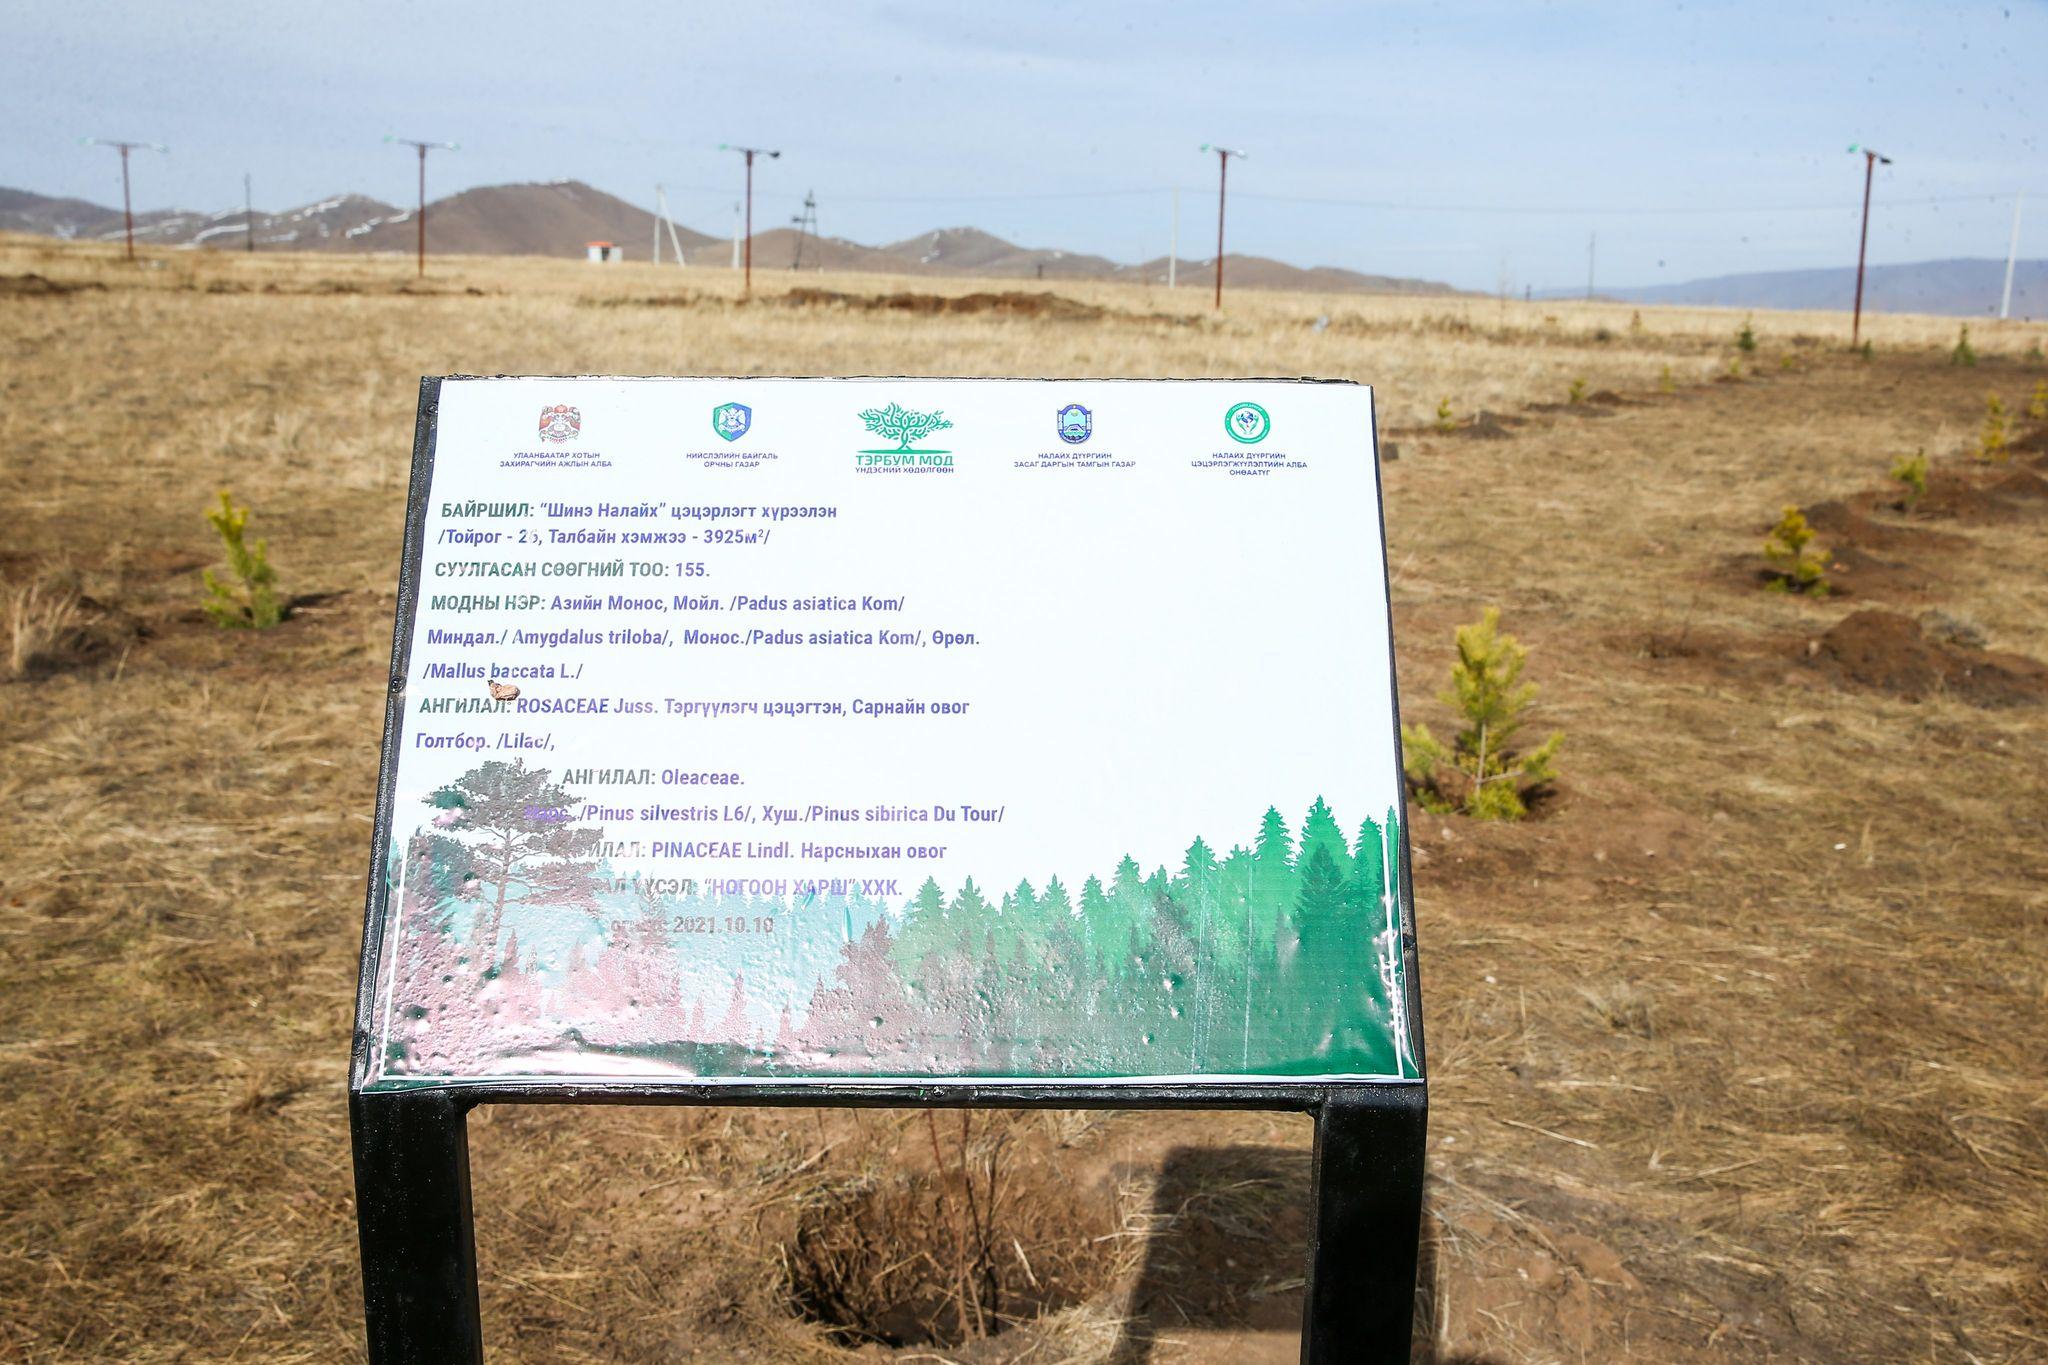 """244785280_306324467528295_9161347983149611063_n """"Тэрбум мод"""" үндэсний хөдөлгөөнд 320 орчим байгууллага, ААН нэгджээ"""